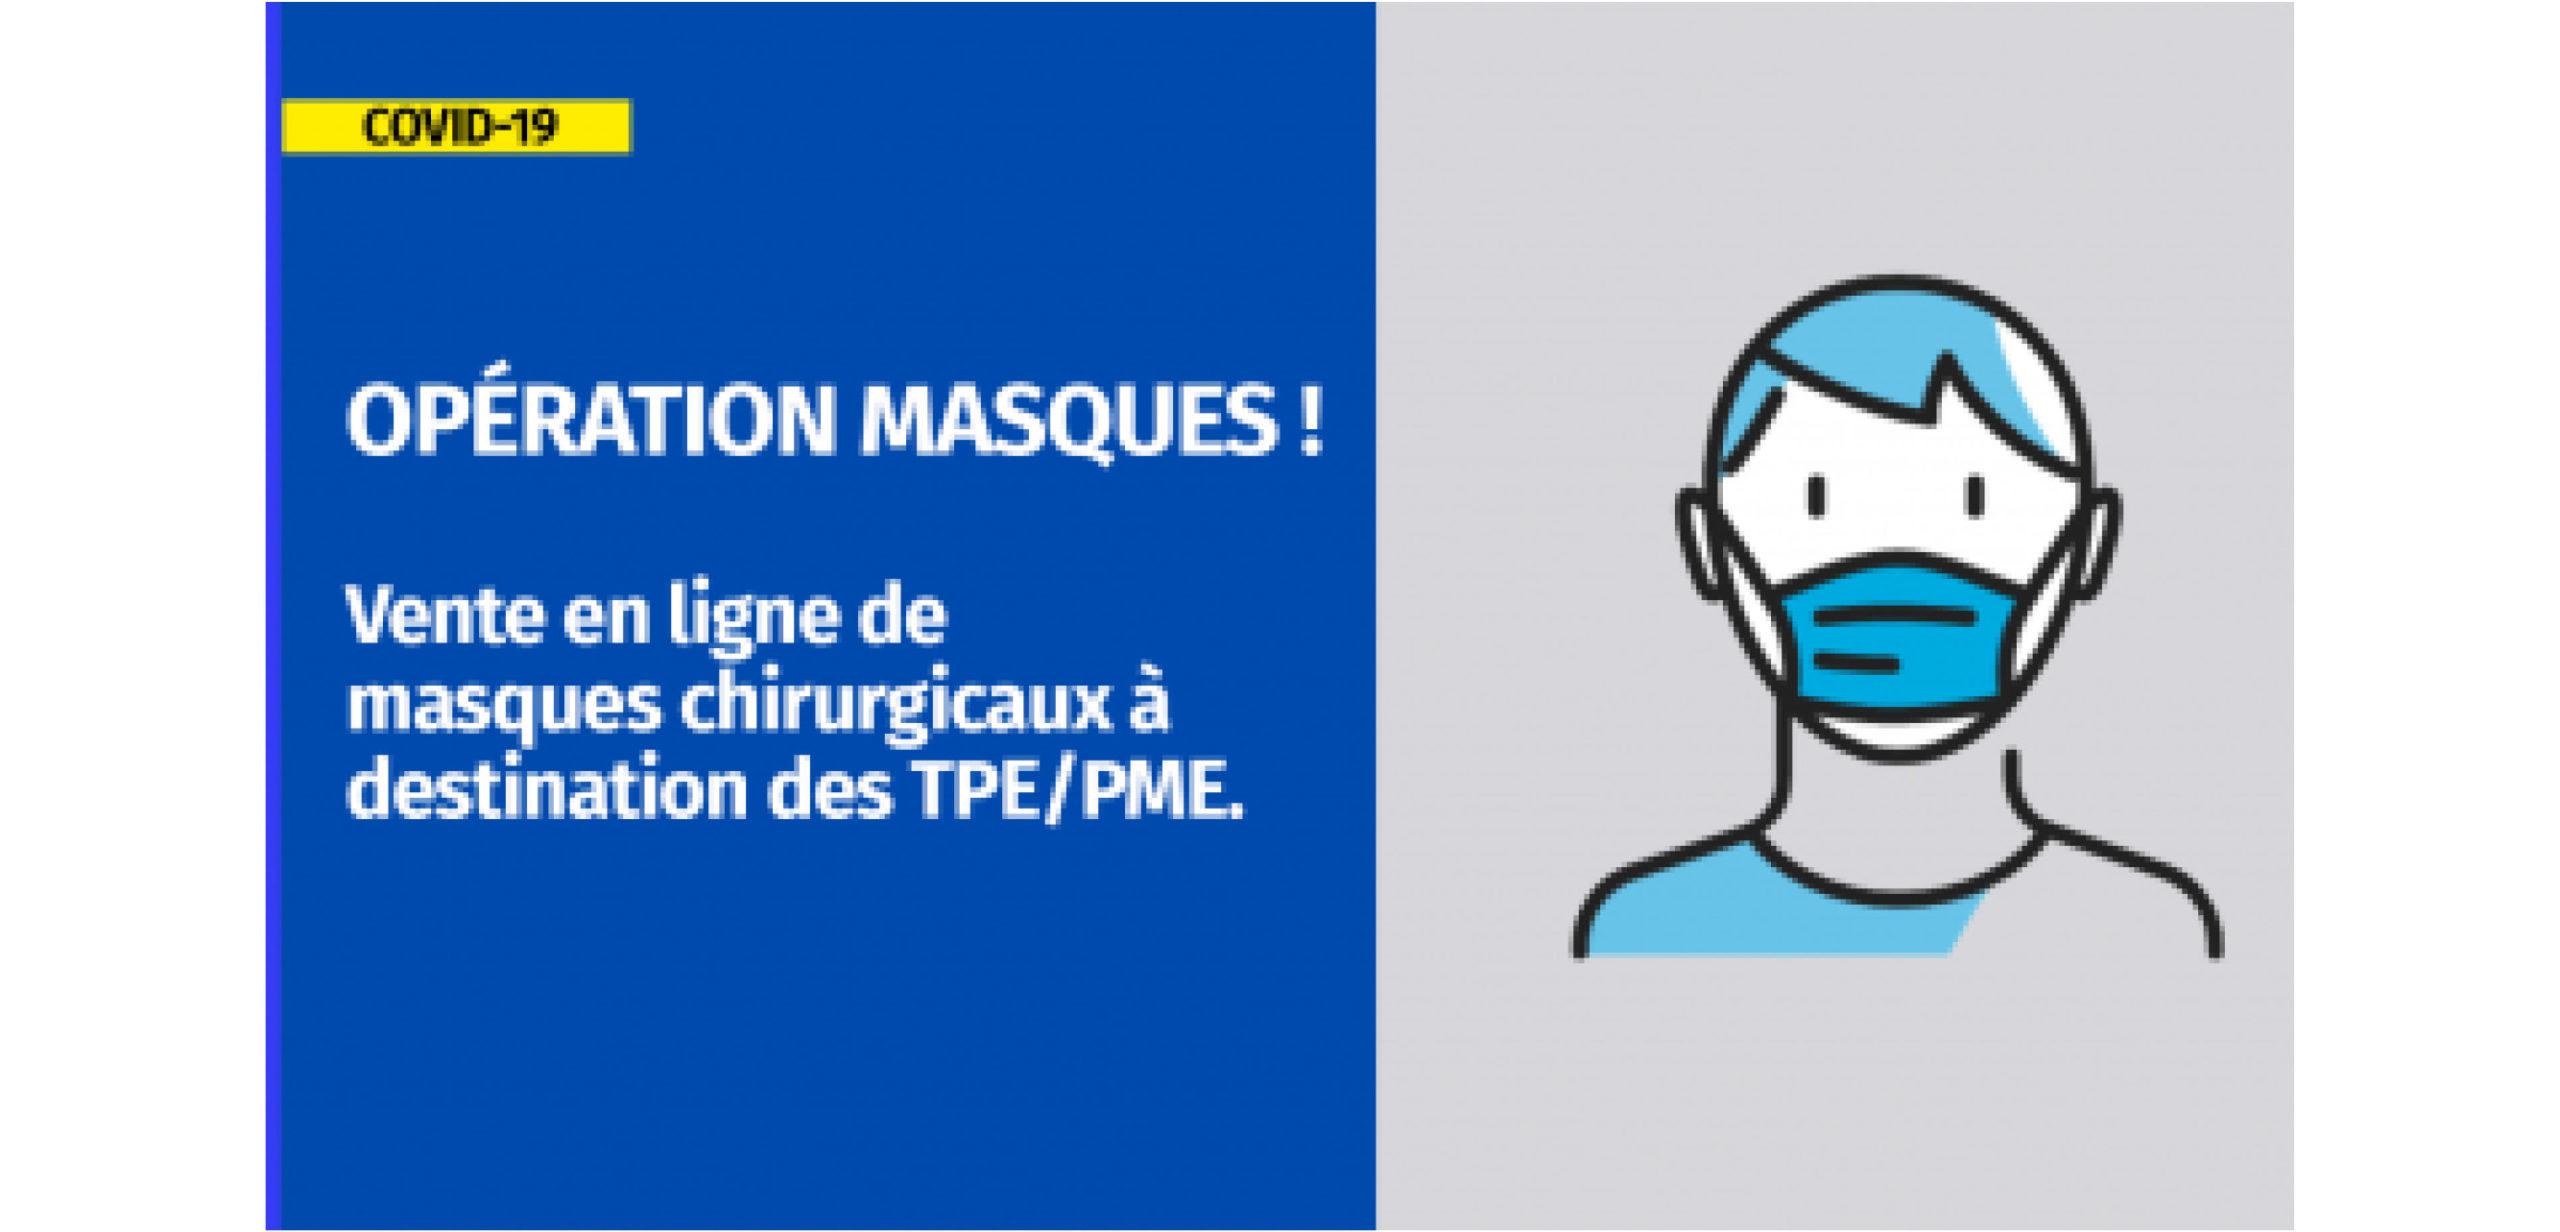 [COVID-19] Opération sur les masques chirurgicaux pour les TPE PME